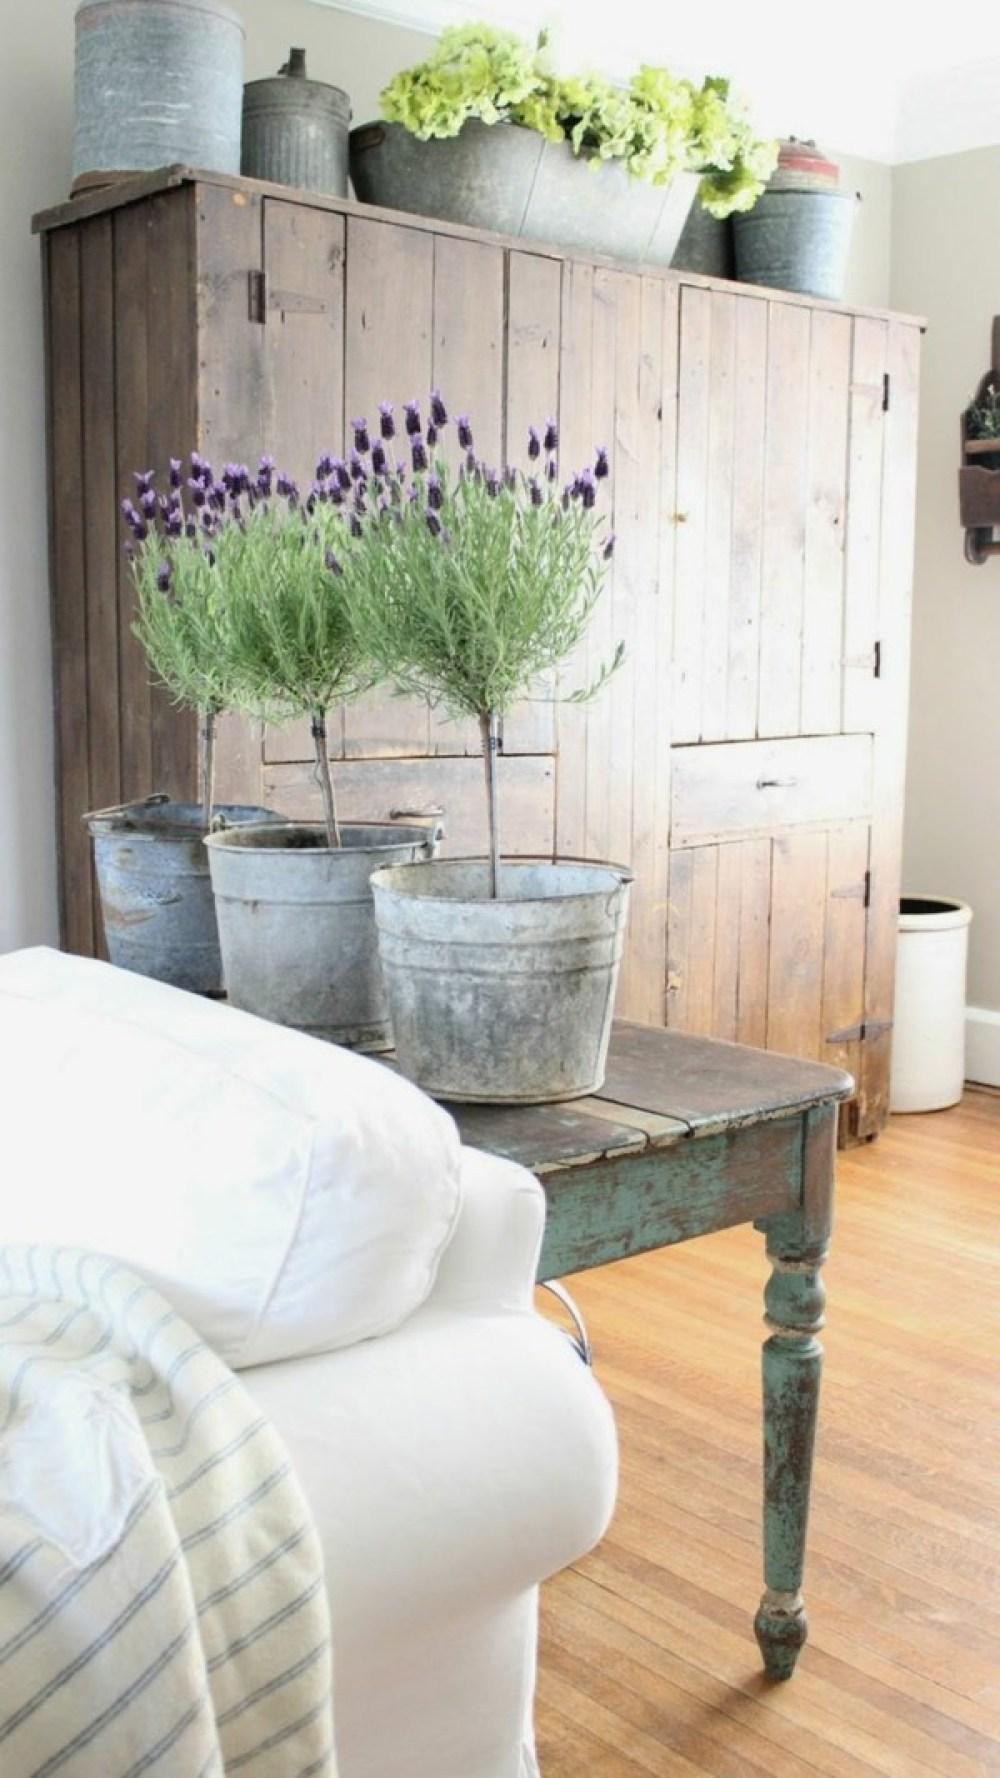 A lavanda é perfeita para decorar ambientes rústicos. Além da atmosfera campestre, ela é perfumada e proporciona relaxamento. Imagem: Fresh Design Pedia